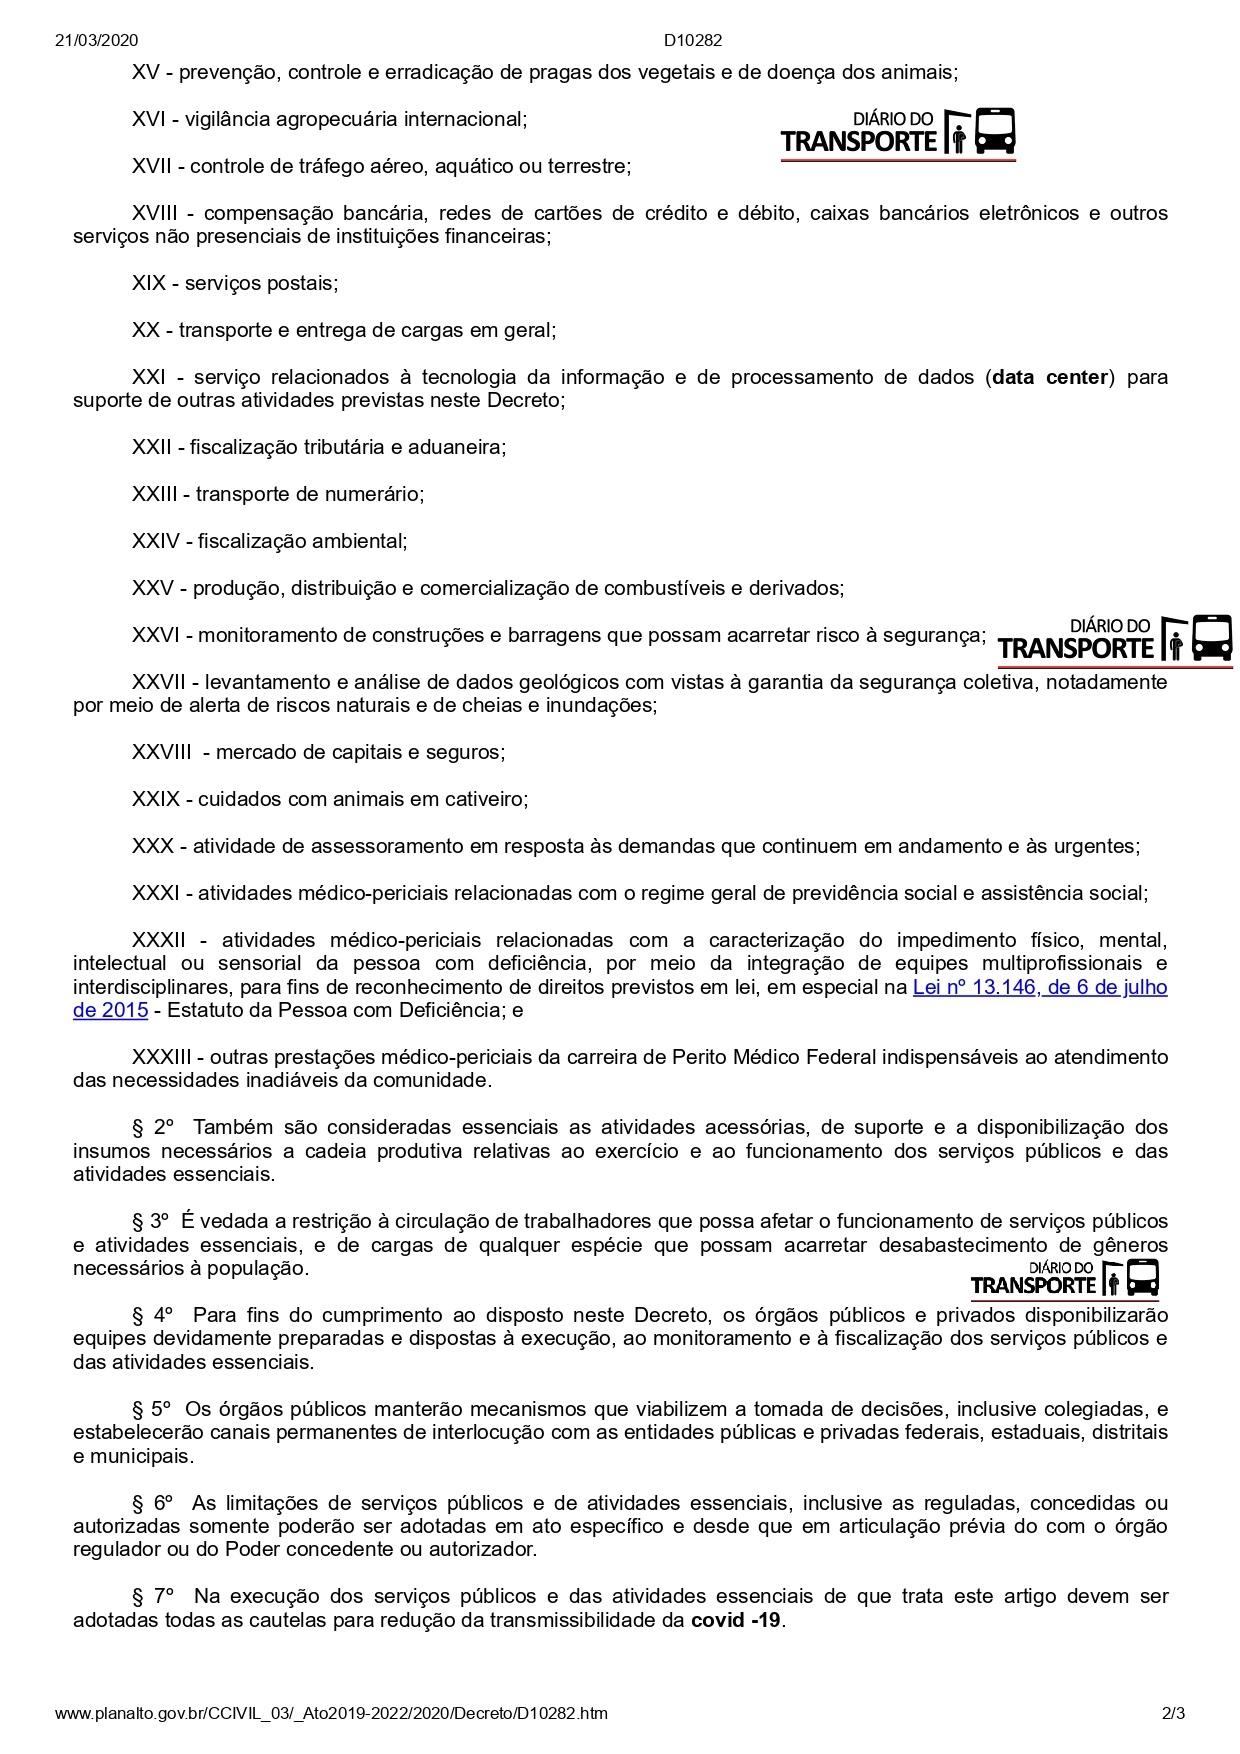 decreto_essecial_02